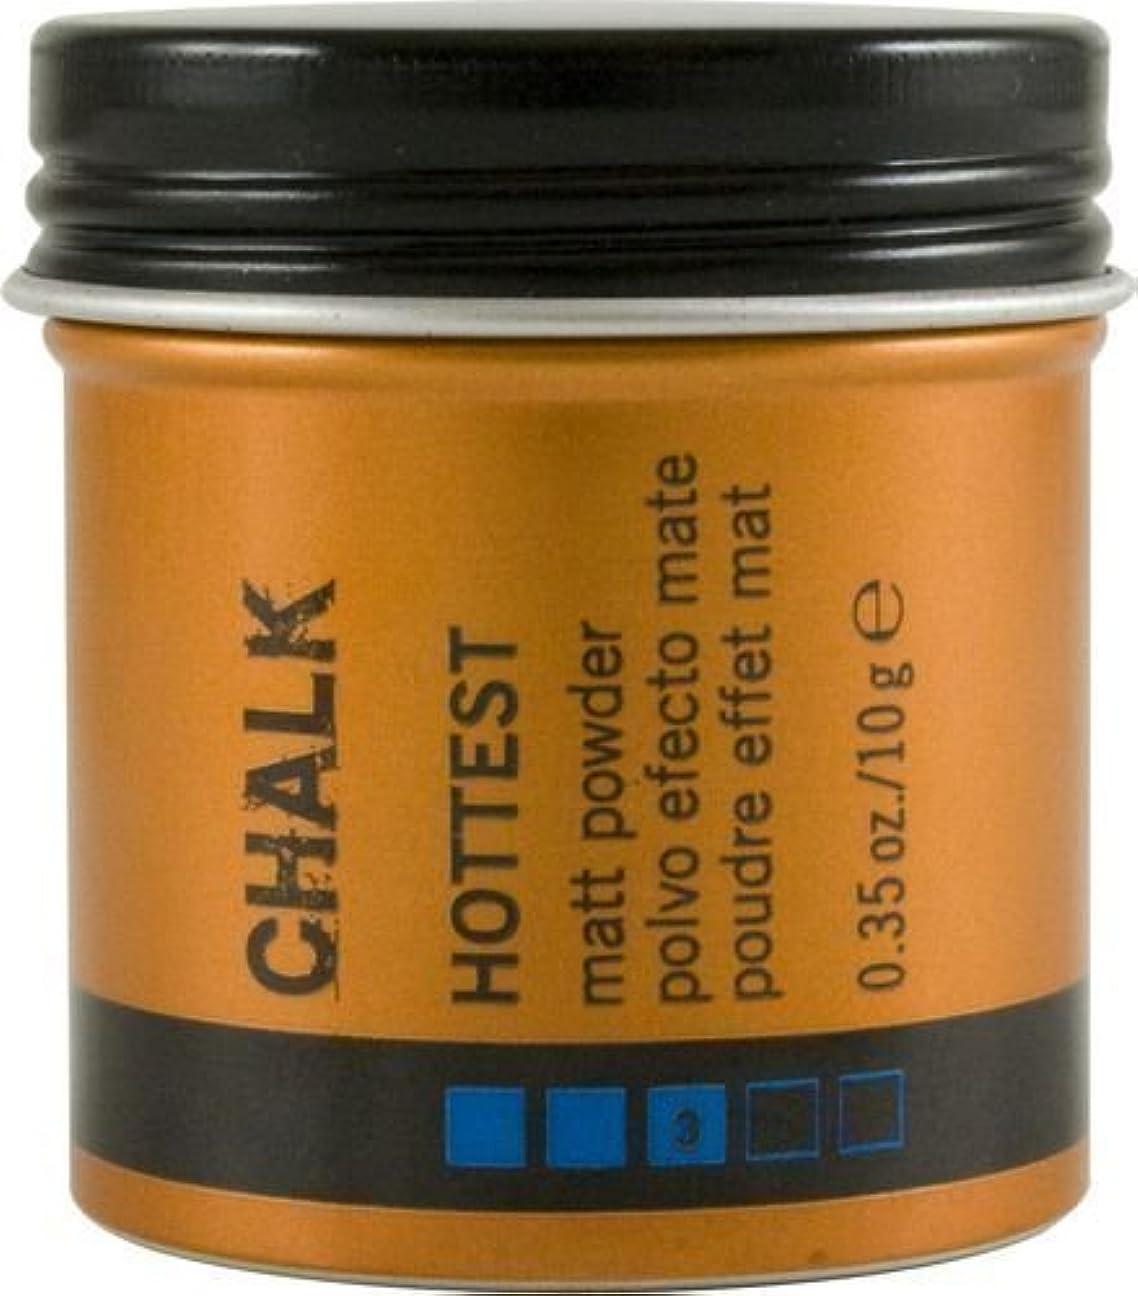 エアコン保守可能フェザーLakme K.Style Chalk Hottest Matt powder 0.35 oz/ 10 g by Lakme